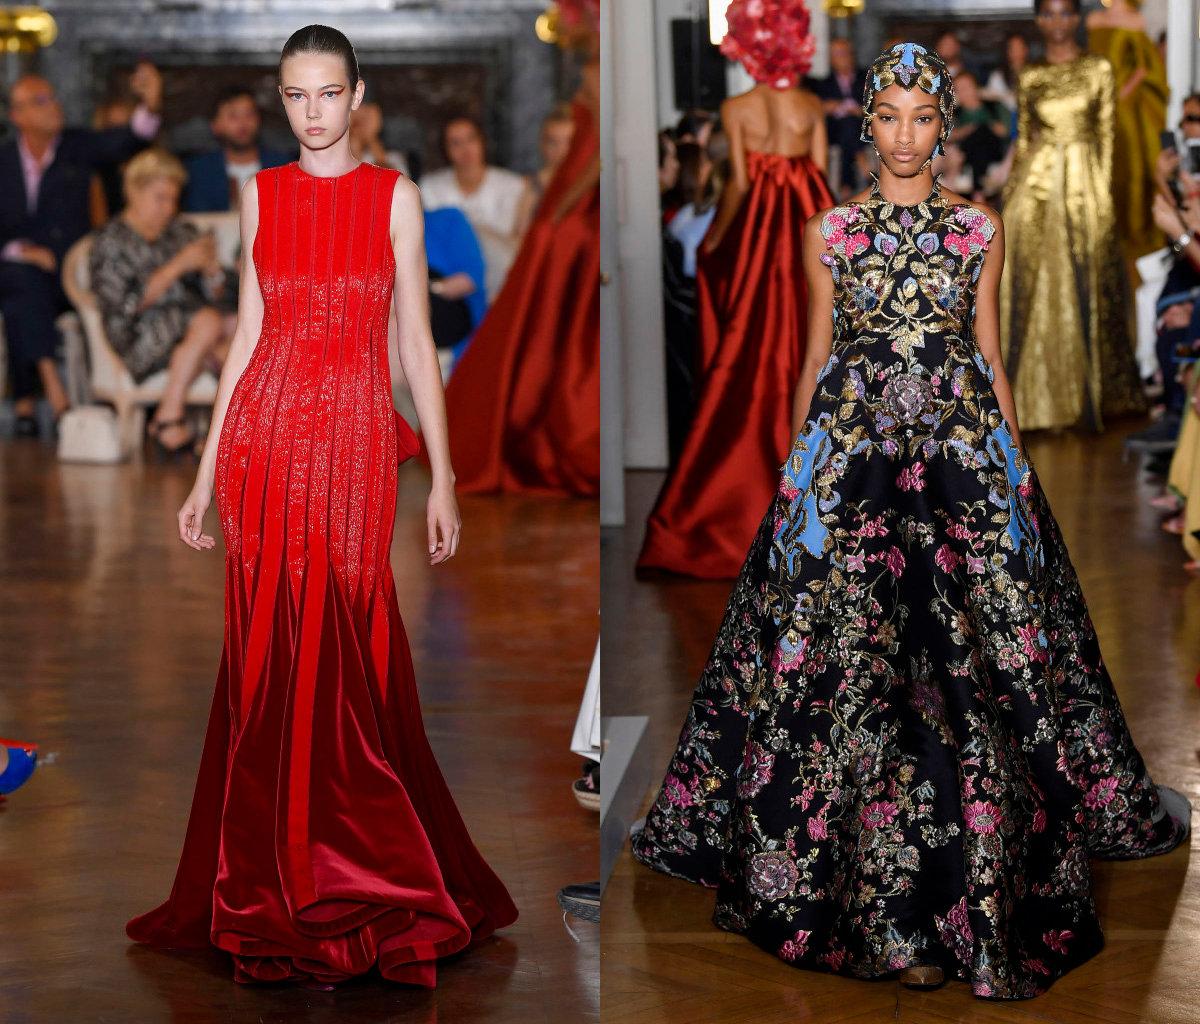 09ece0e866d ... Валентино Fall Couture 2018  мода на красивые вечерние платья в стиле  романтики и глэм-